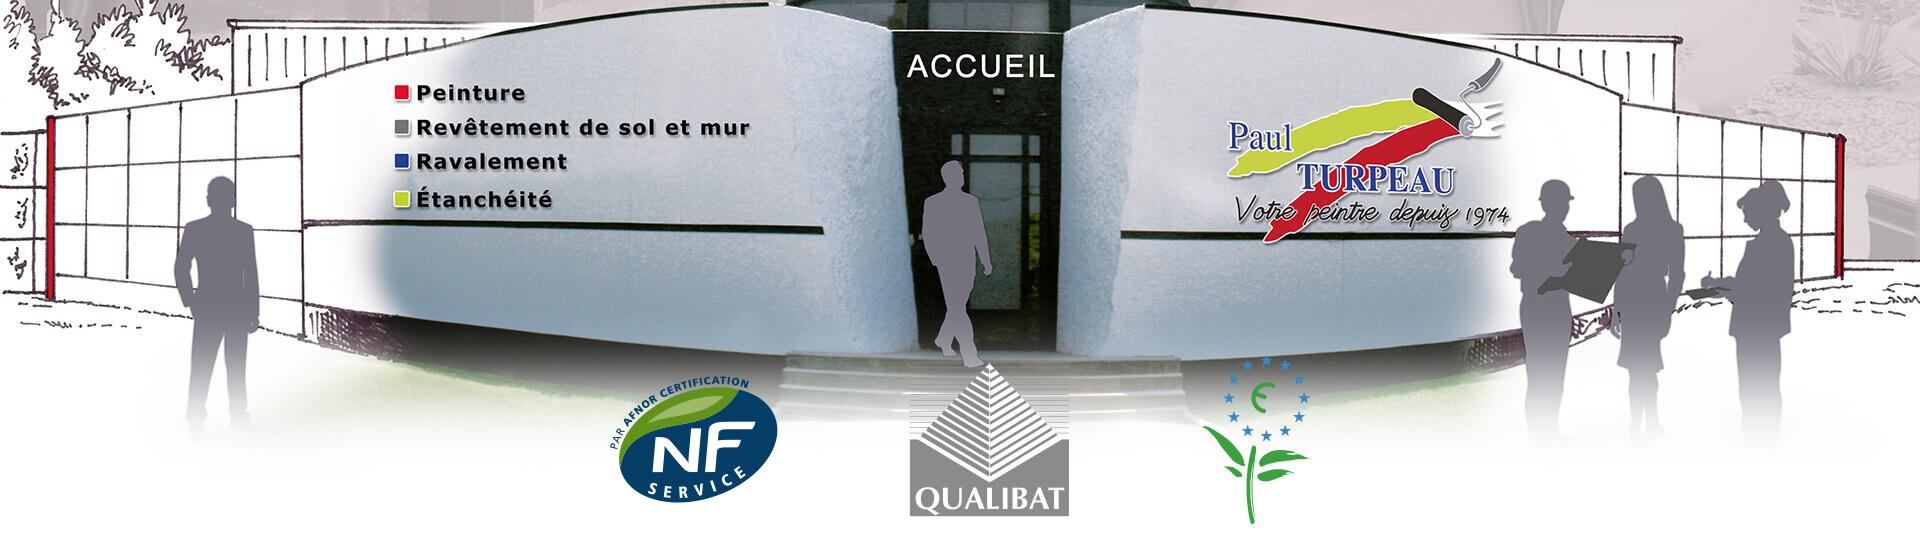 Engagements de la société - Paul Turpeau